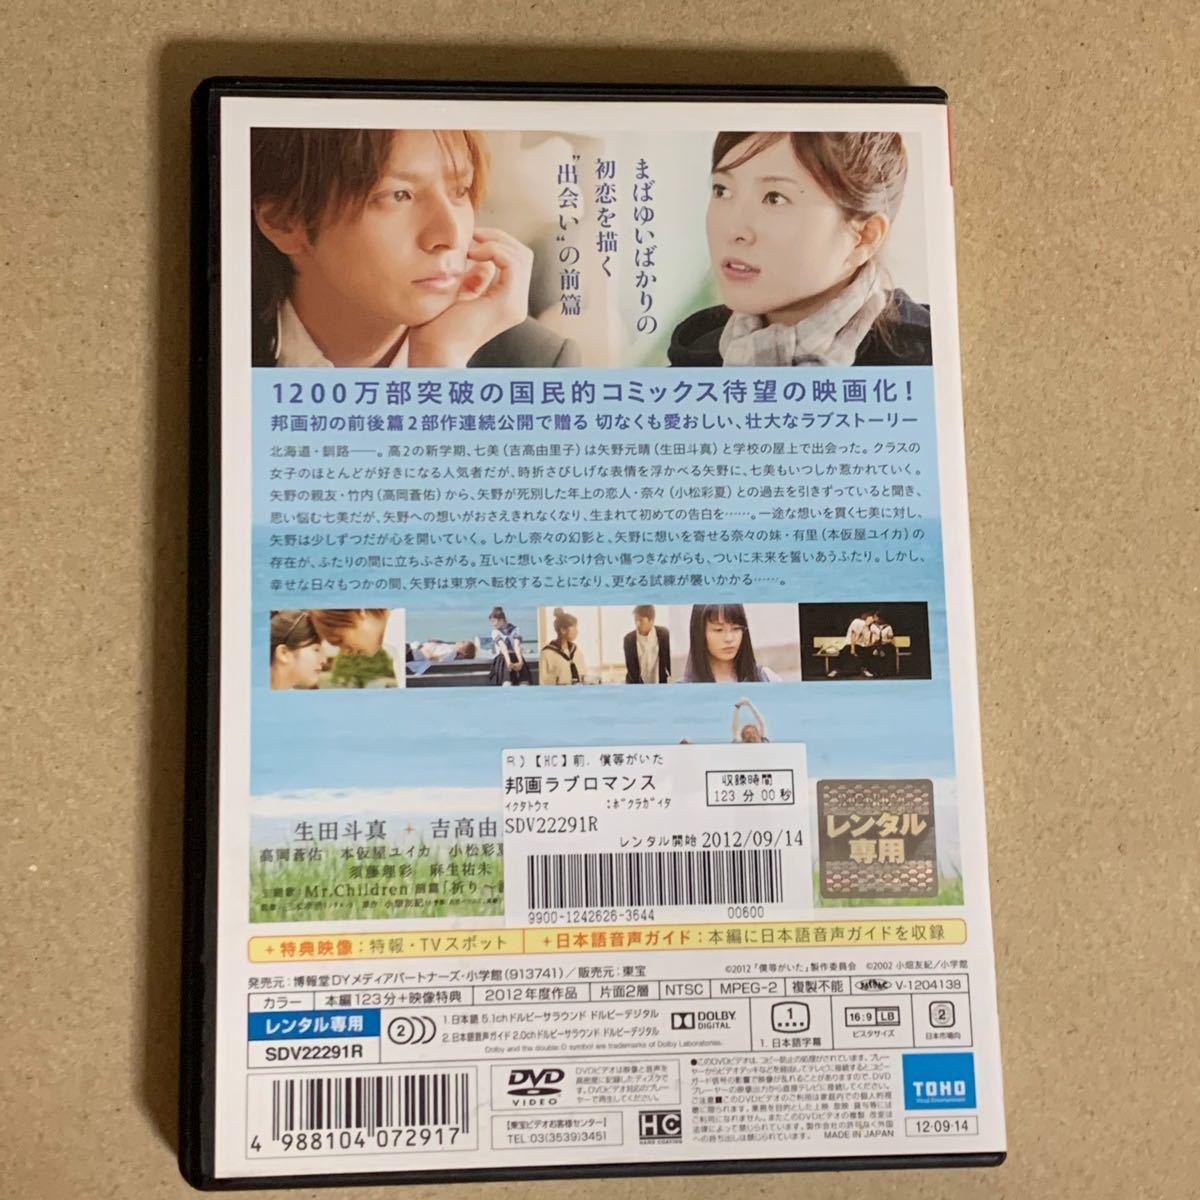 僕等がいた 前篇 DVD 東宝